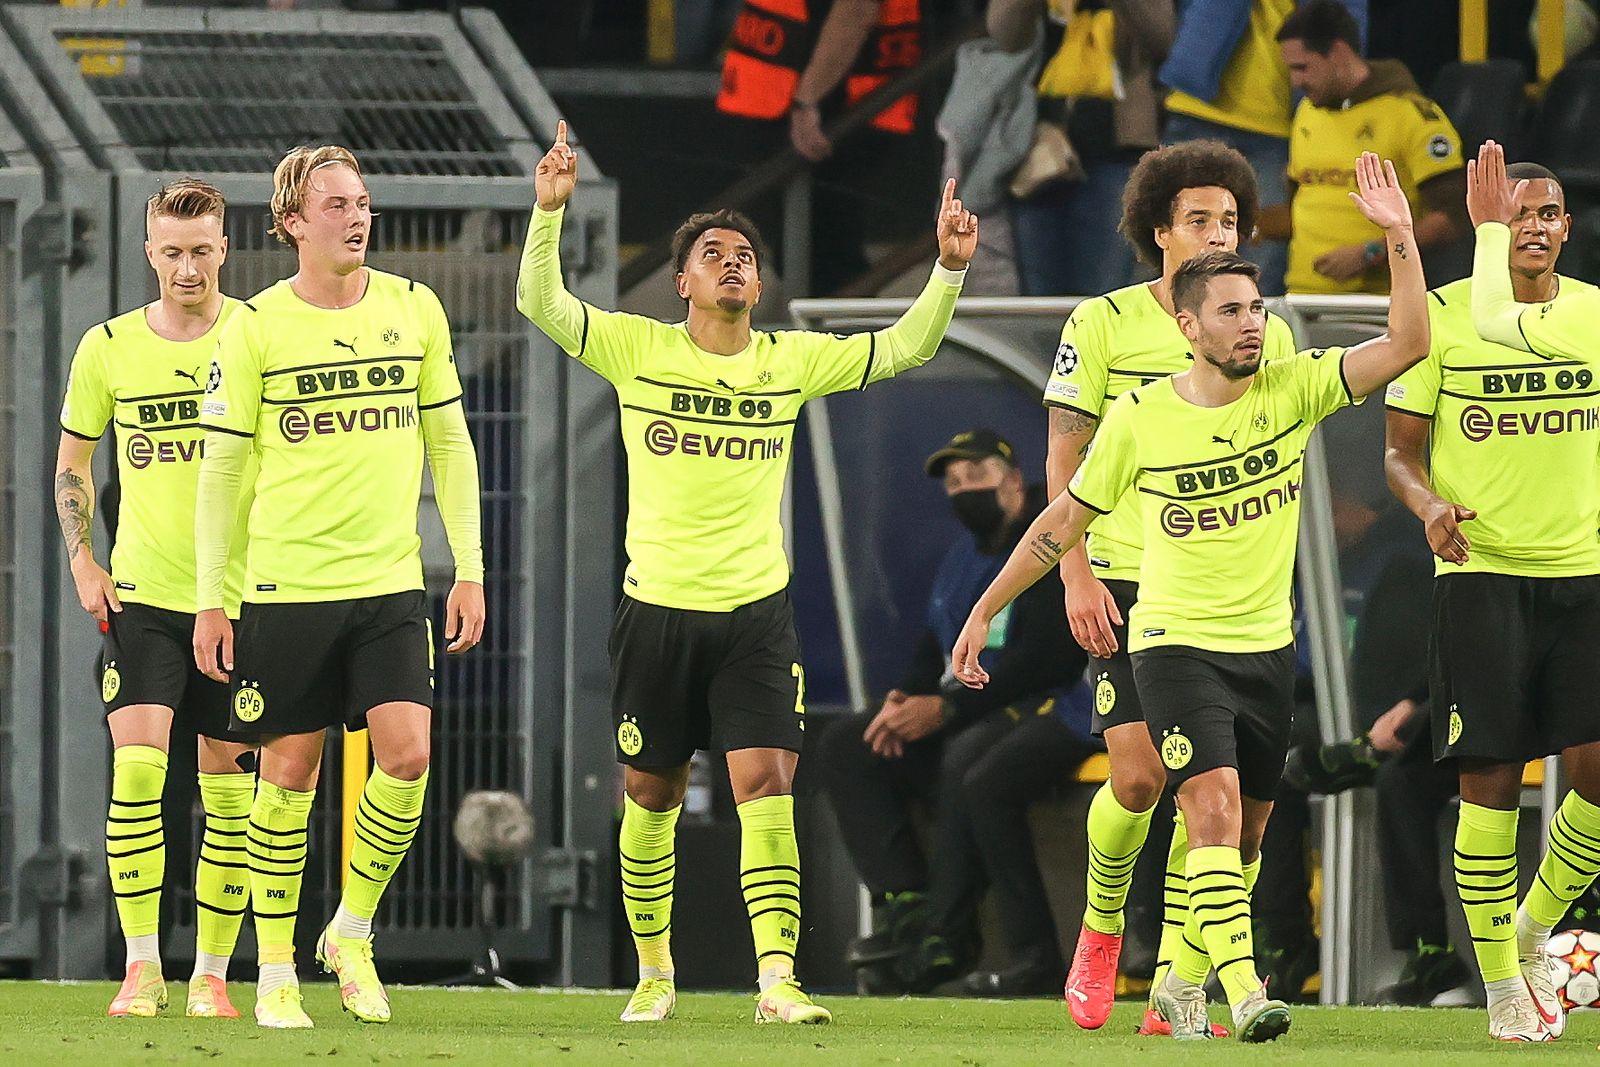 Borussia Dortmund vs Sporting Lisbon